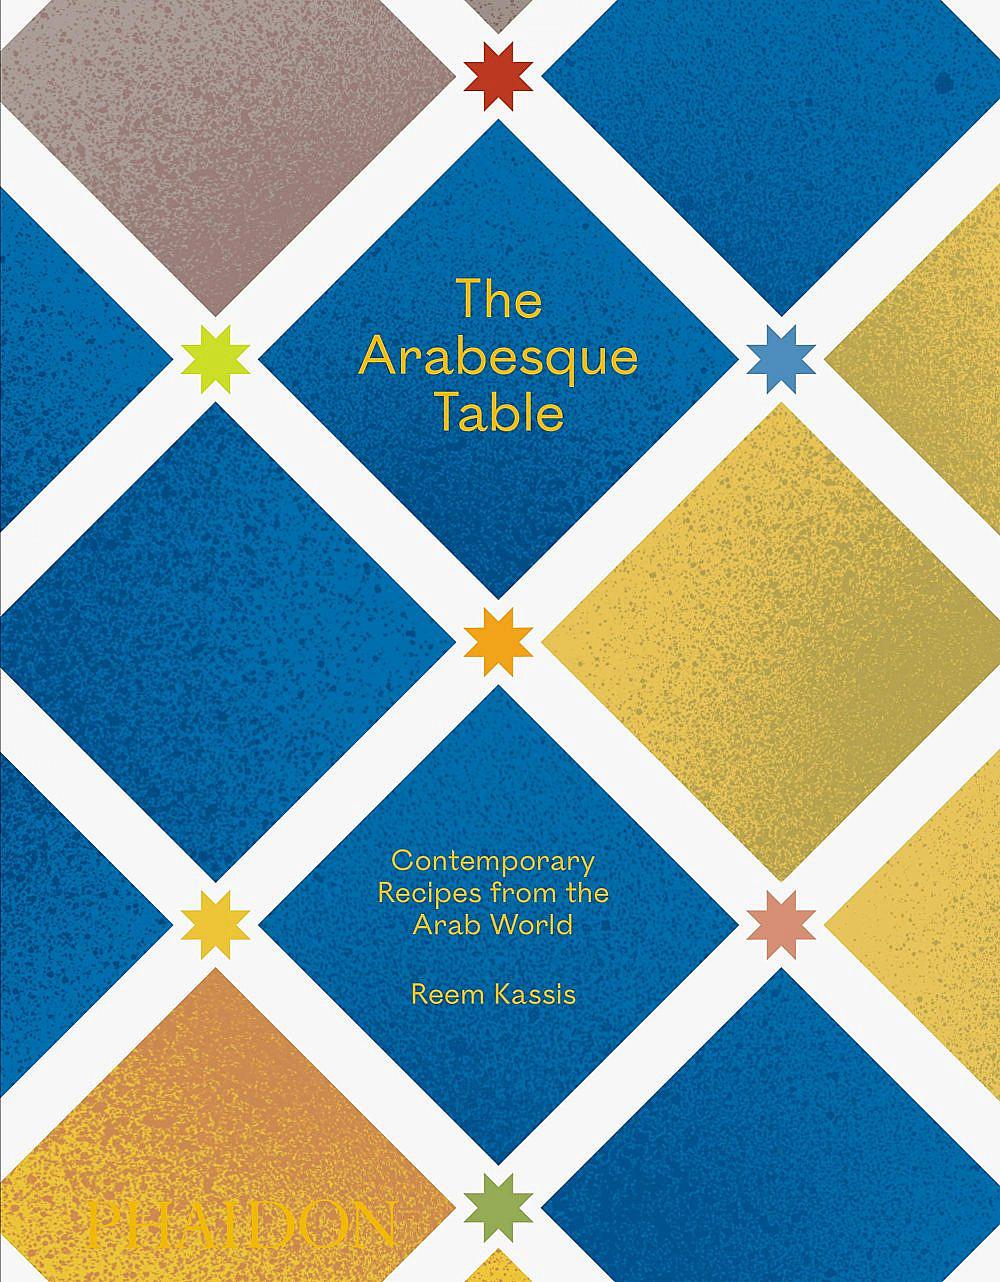 אוכל ומסורת עטיפת הספר Arabesque Table: Contemporary Recipes From The Arab World של רים קסיס